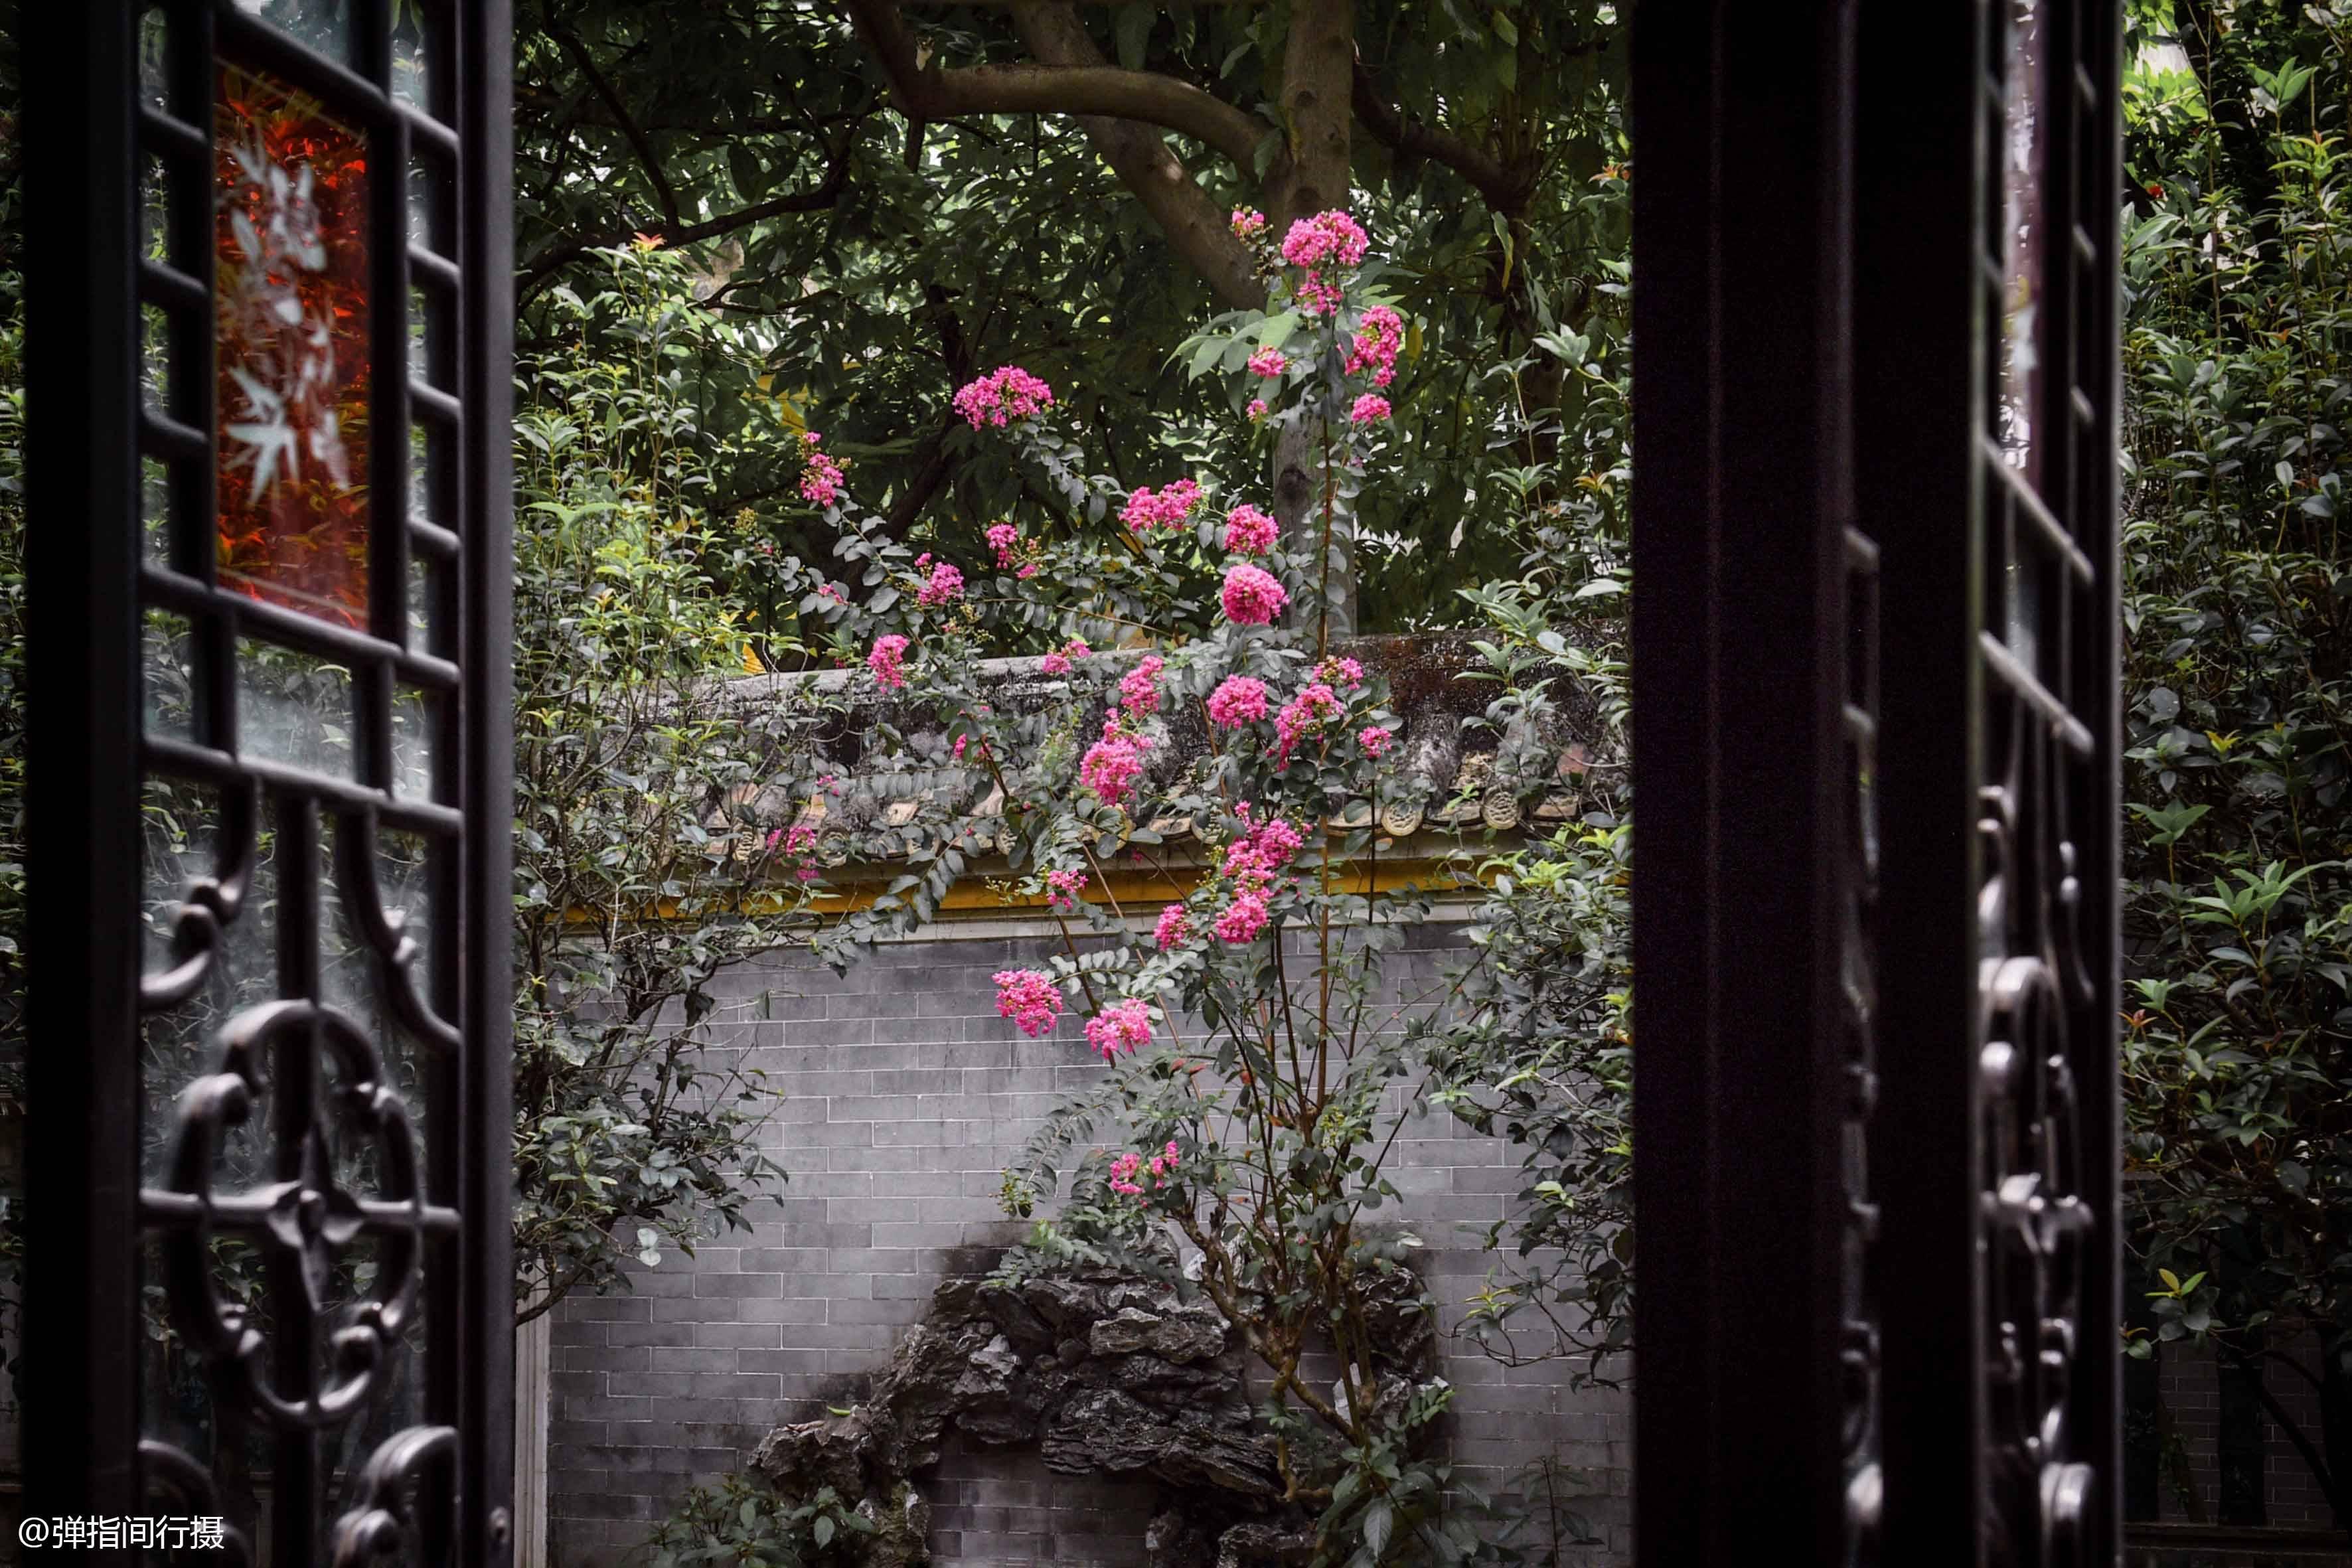 中国古典优美诗词_广东四大名园之首,藏在珠三角腹地,尽显东西合璧的古典园林 ...